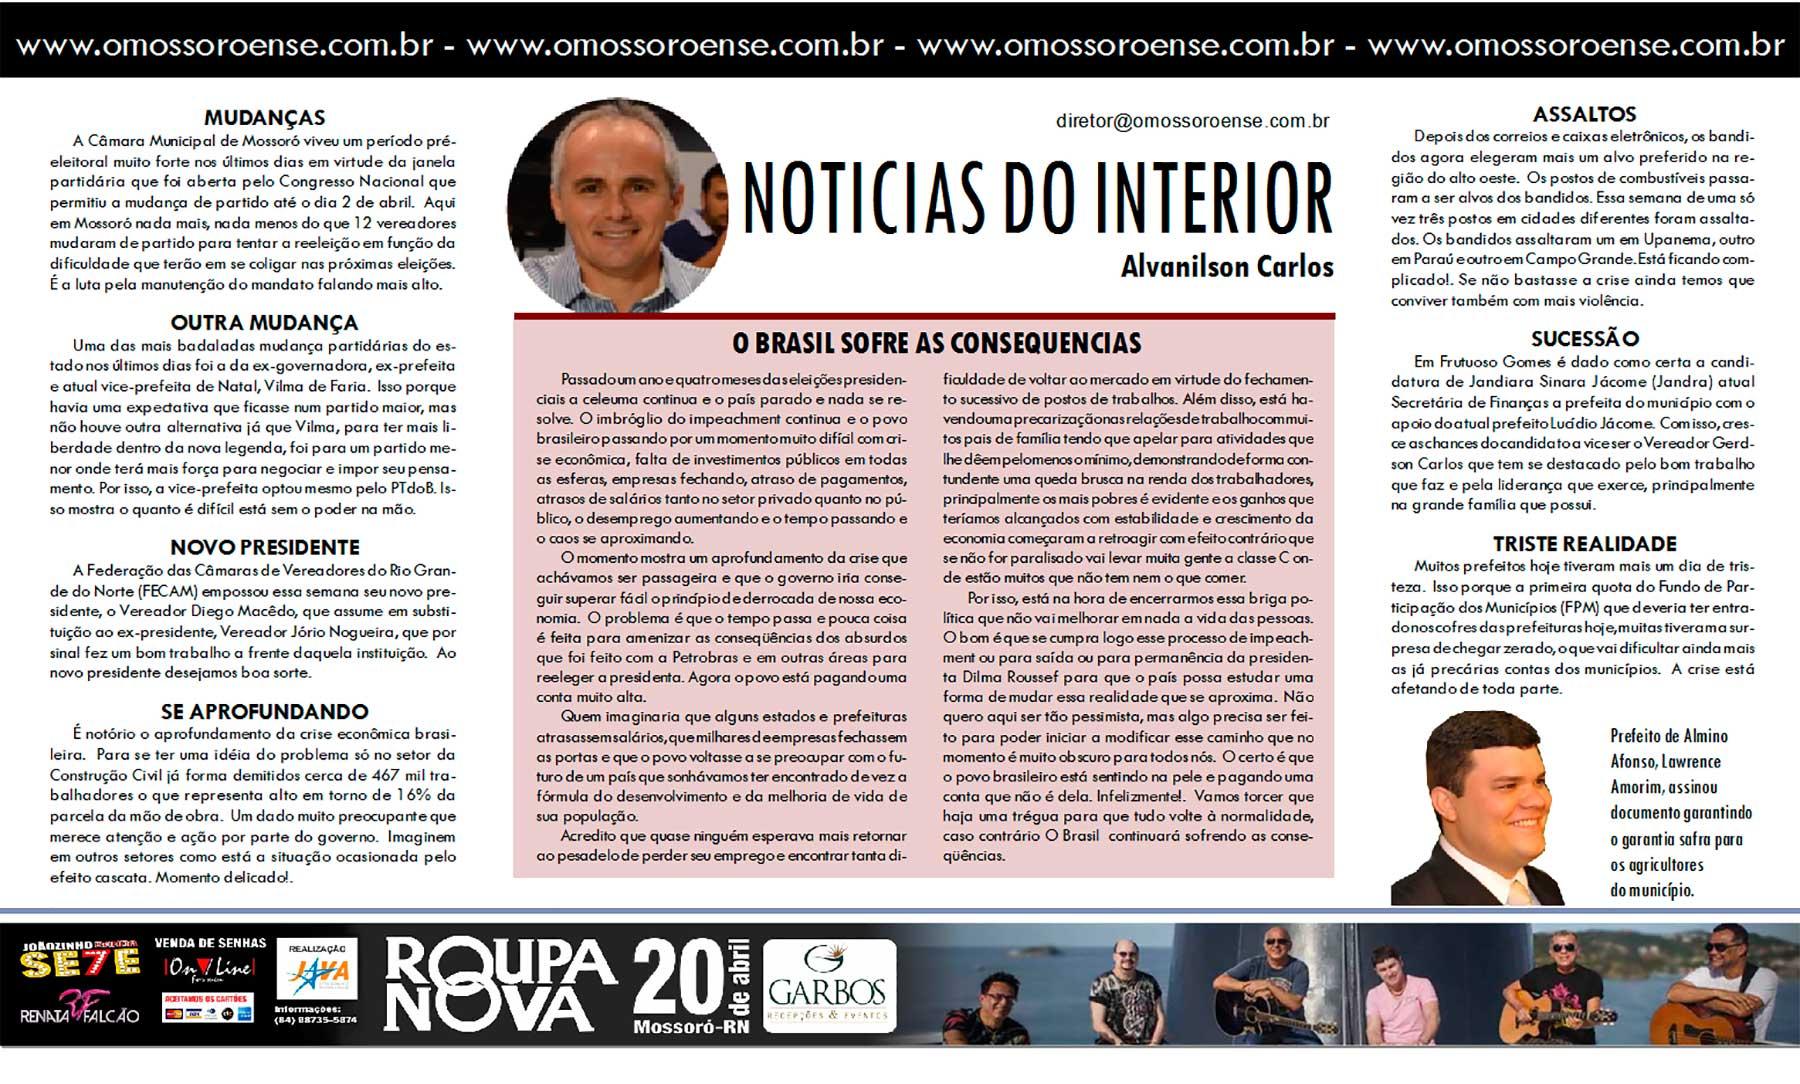 ALVANILSON-CARLOS---NOTICIAS-DO-INTERIOR---14-04-16